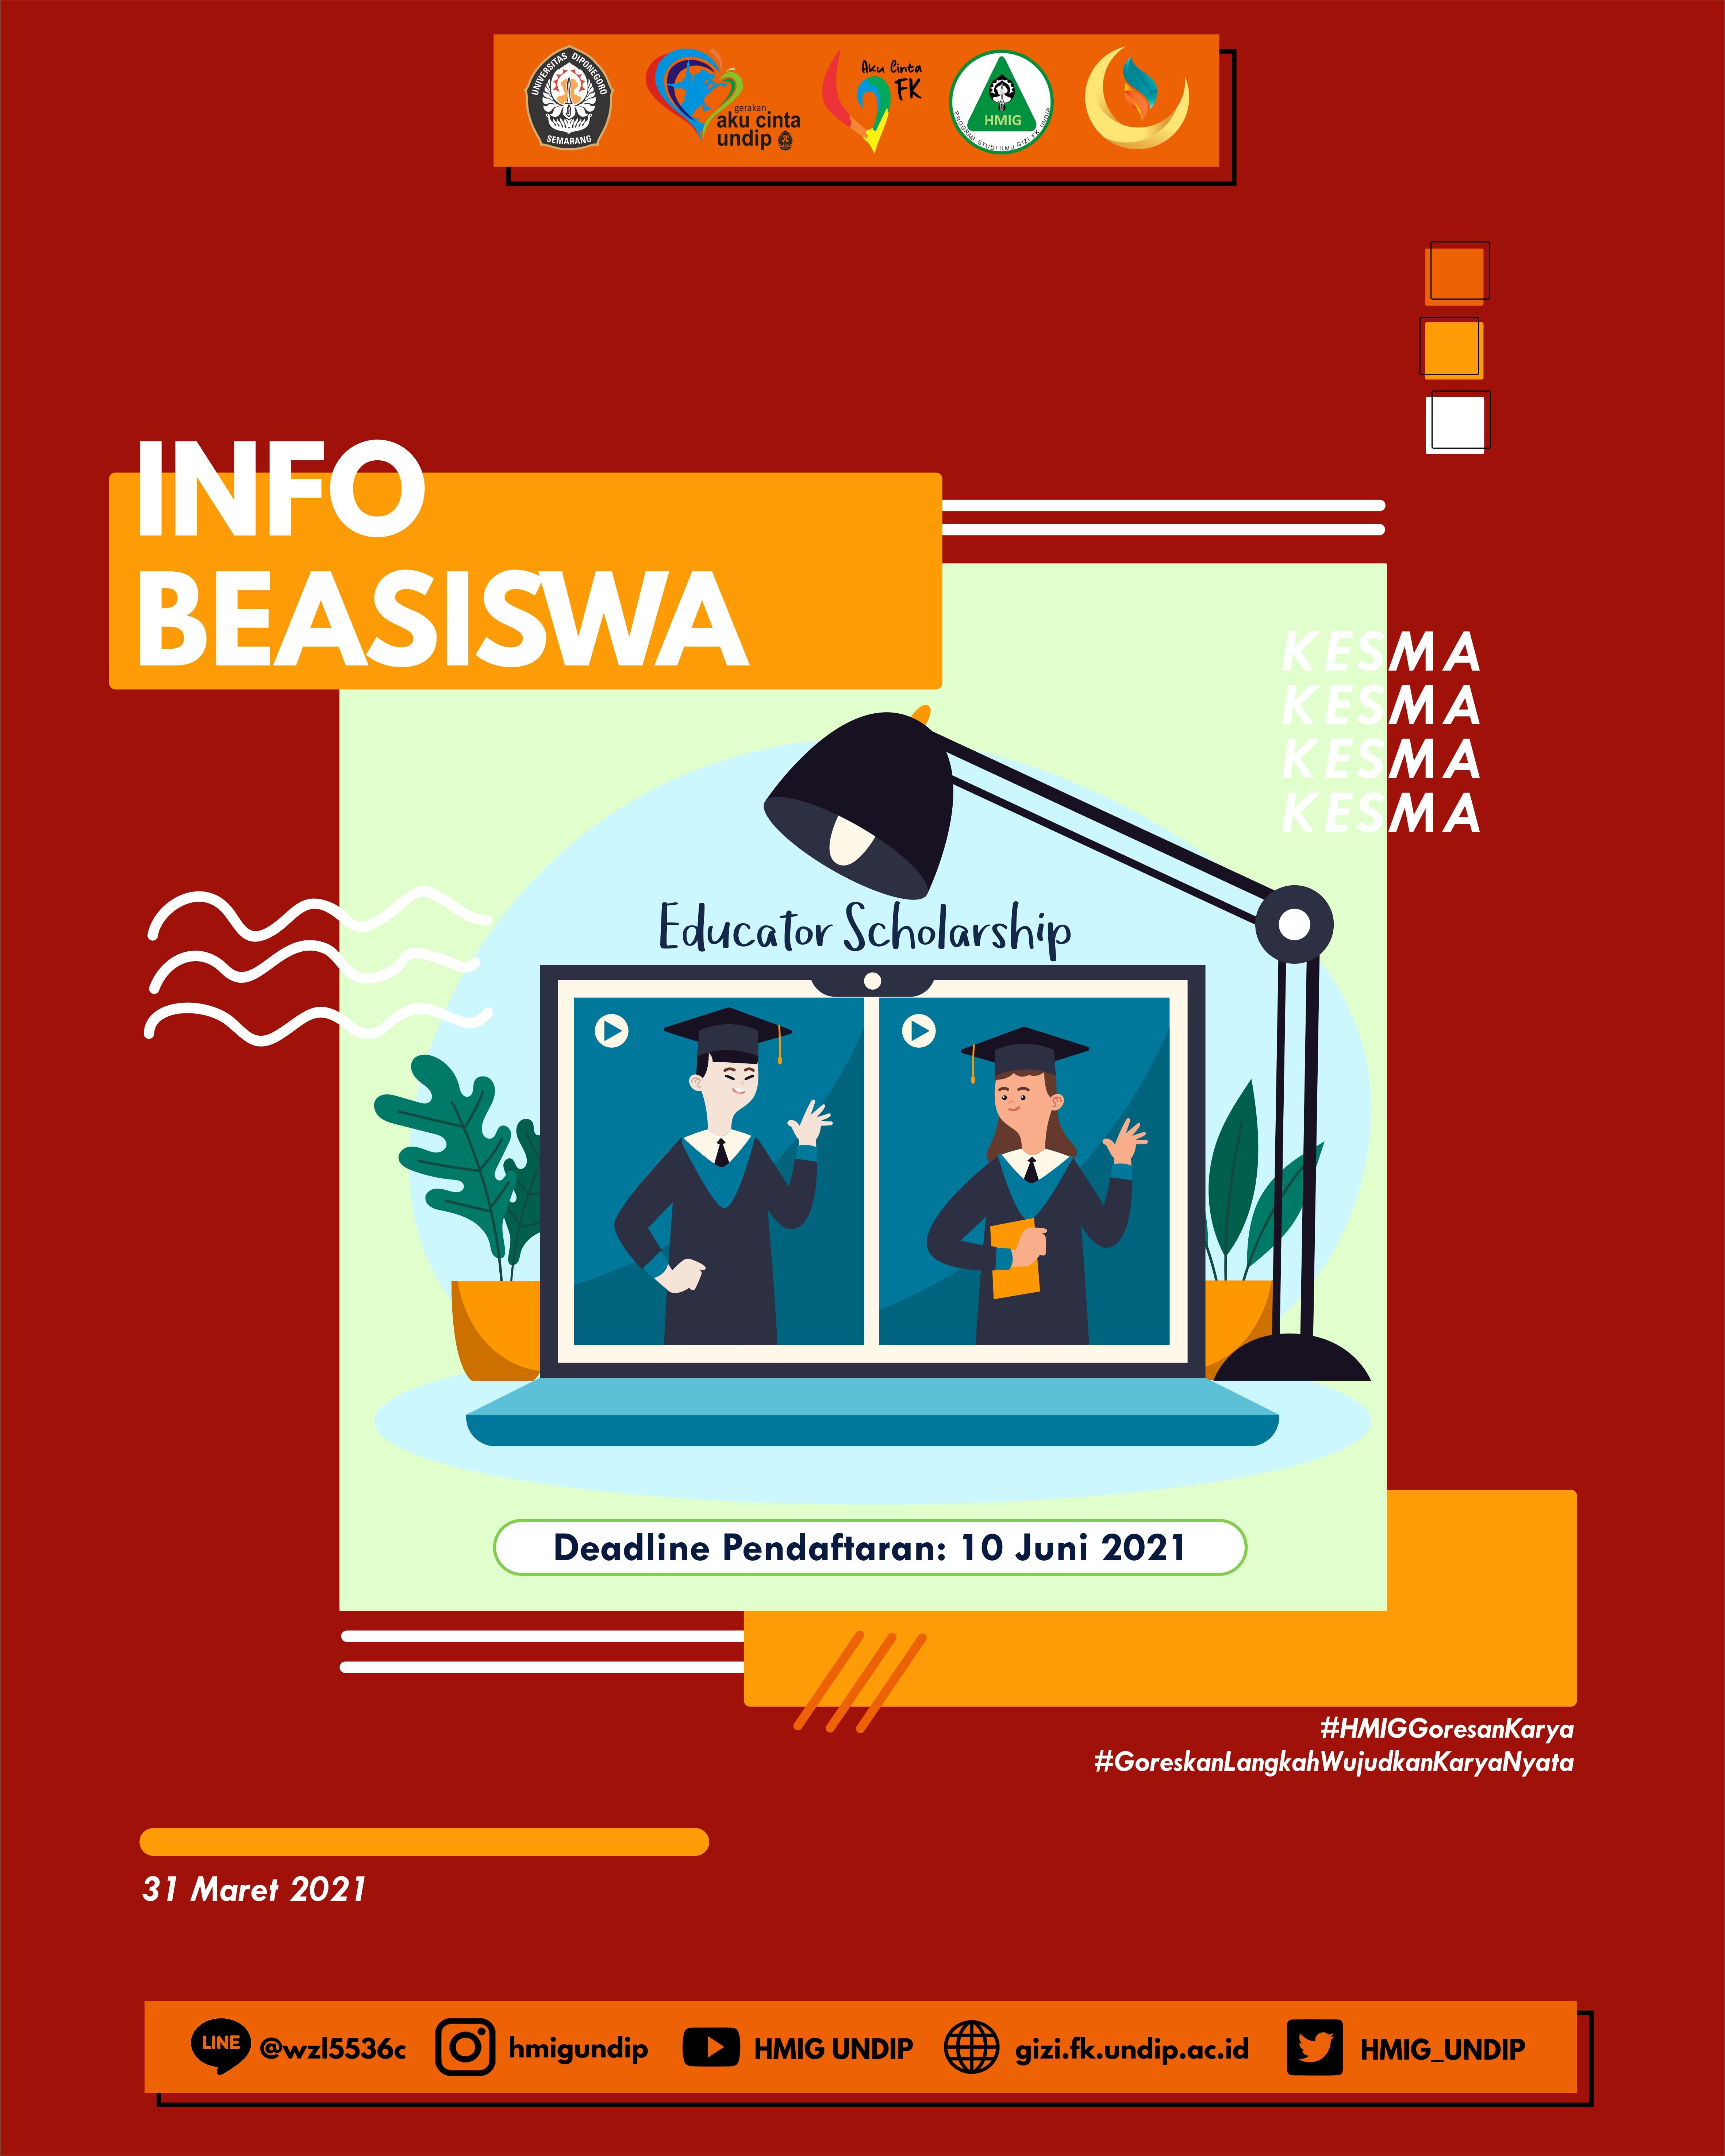 INFO BEASISWA